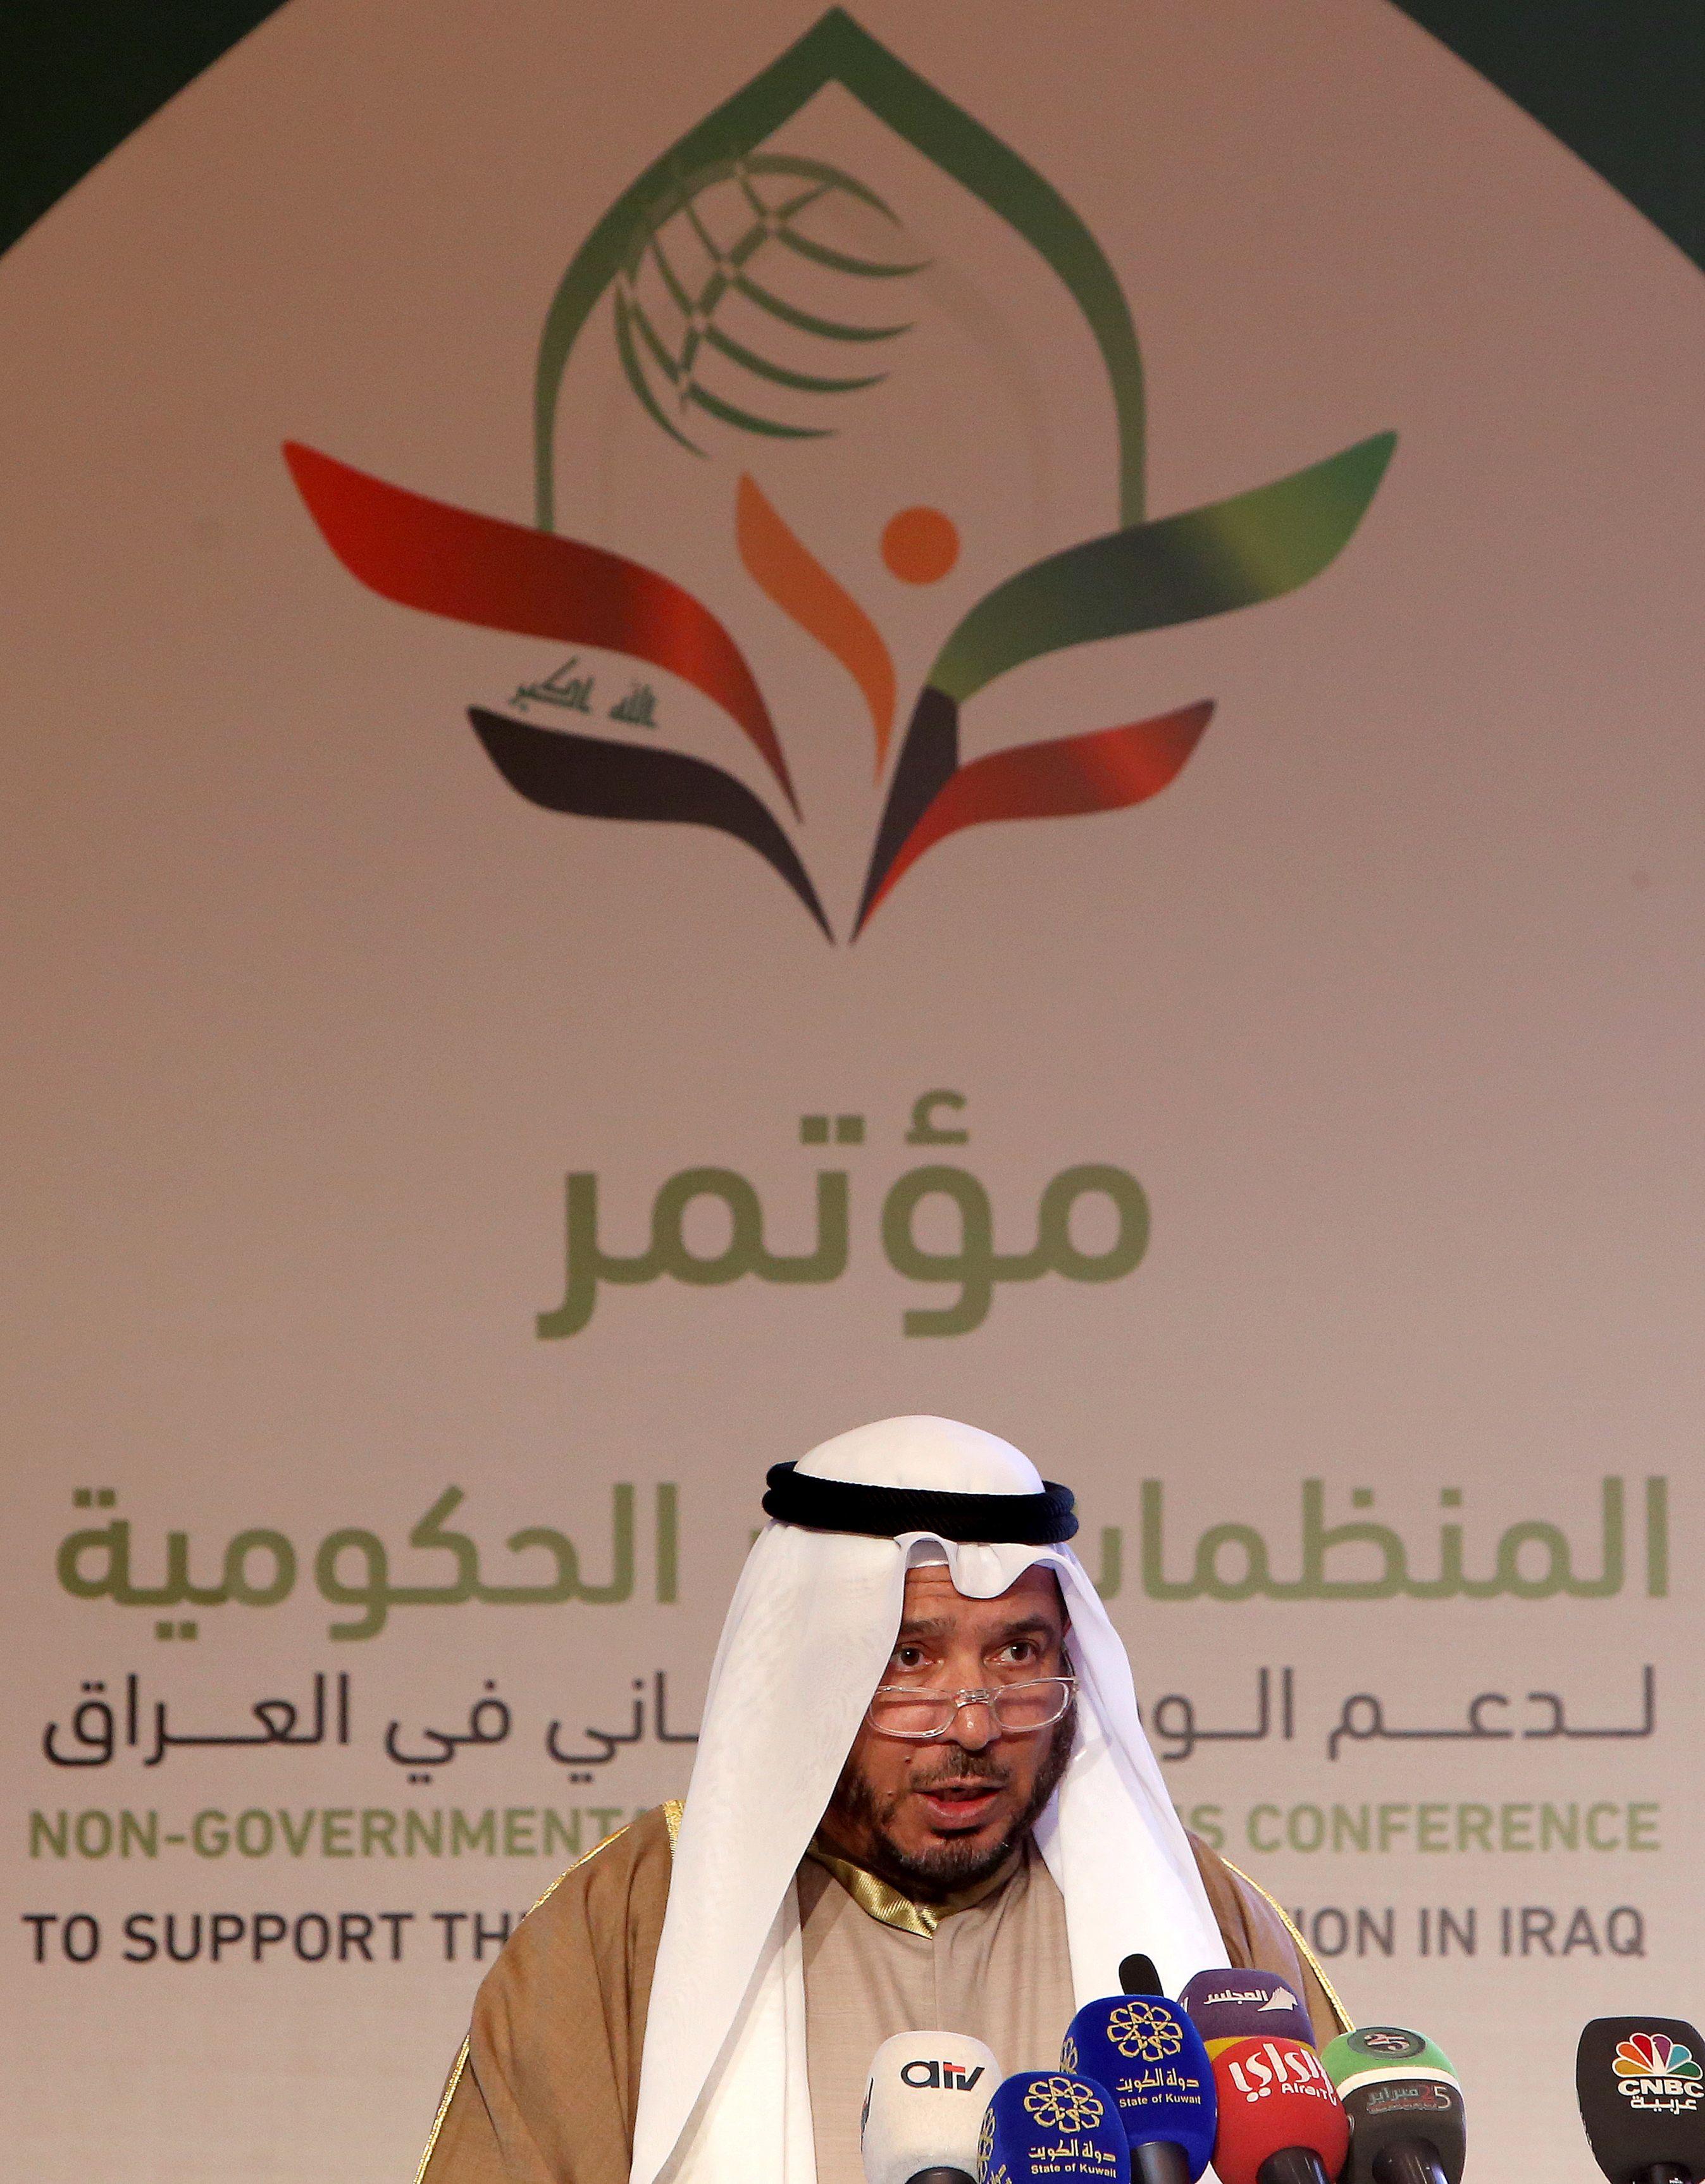 كلمة عبد الله المعتوق خلال مؤتمر إعادة اعمار العراق